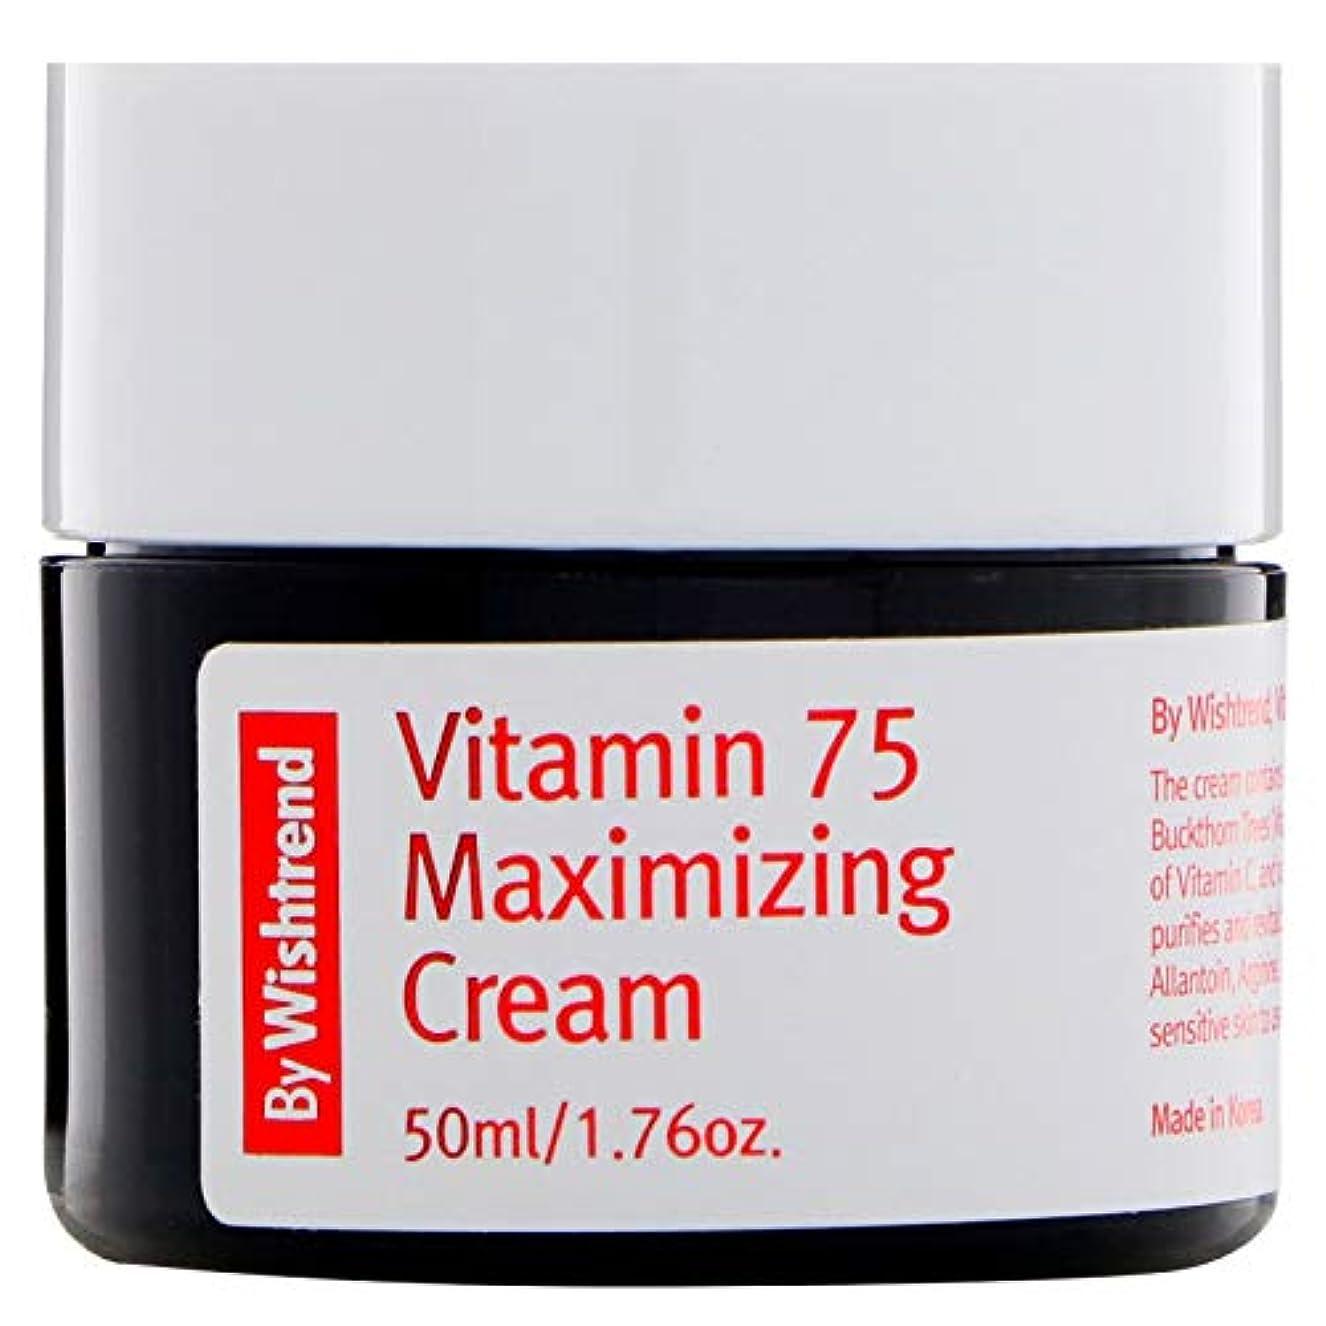 乳白立ち寄る否認する[BY WISHTREND]ビタミン75 マキシマイジング クリーム, Vitamin 75 Maximizing Cream [並行輸入品]